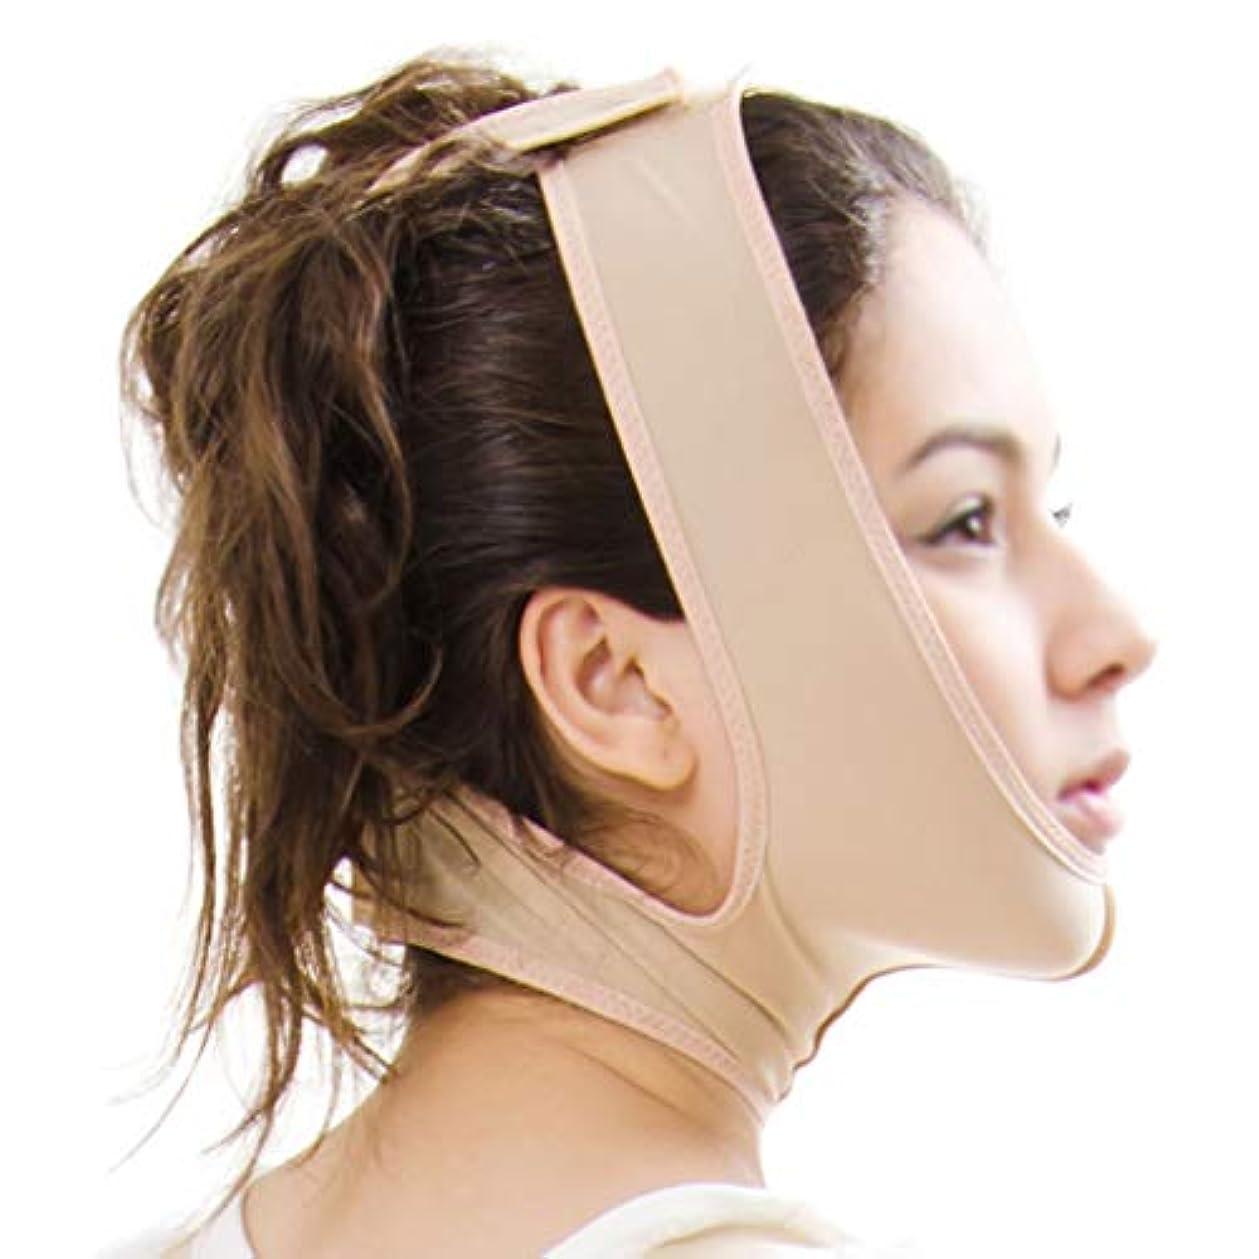 治世心のこもった忍耐GLJJQMY 顔面リフティング包帯あごの首と首の二重あごの脂肪吸引術後創傷マスク 顔用整形マスク (Size : S)